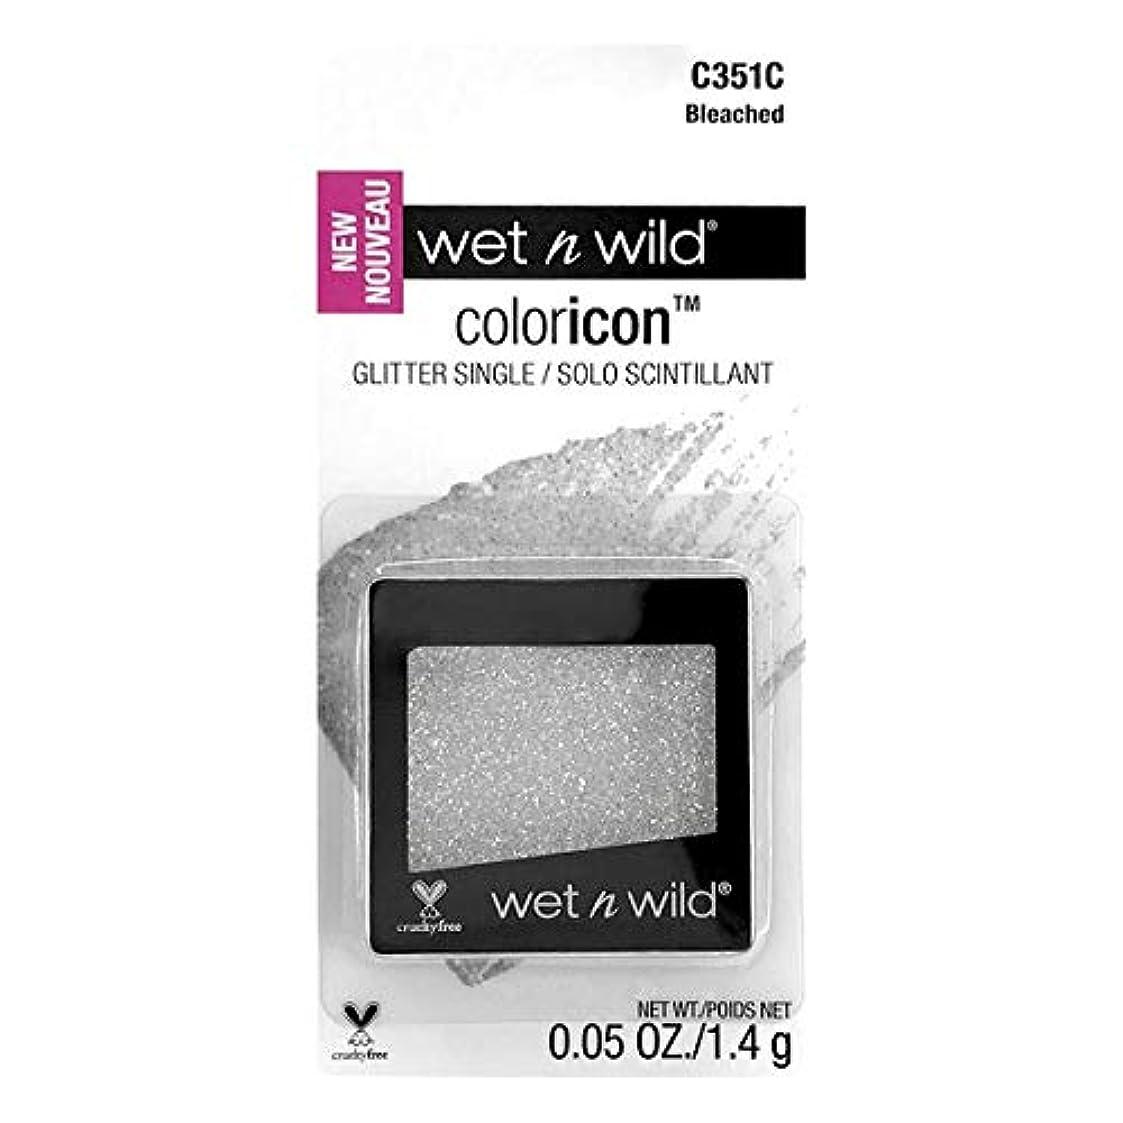 偉業トレイルすりWET N WILD Color Icon Glitter Single - Bleached (CARDED) (6 Pack) (並行輸入品)